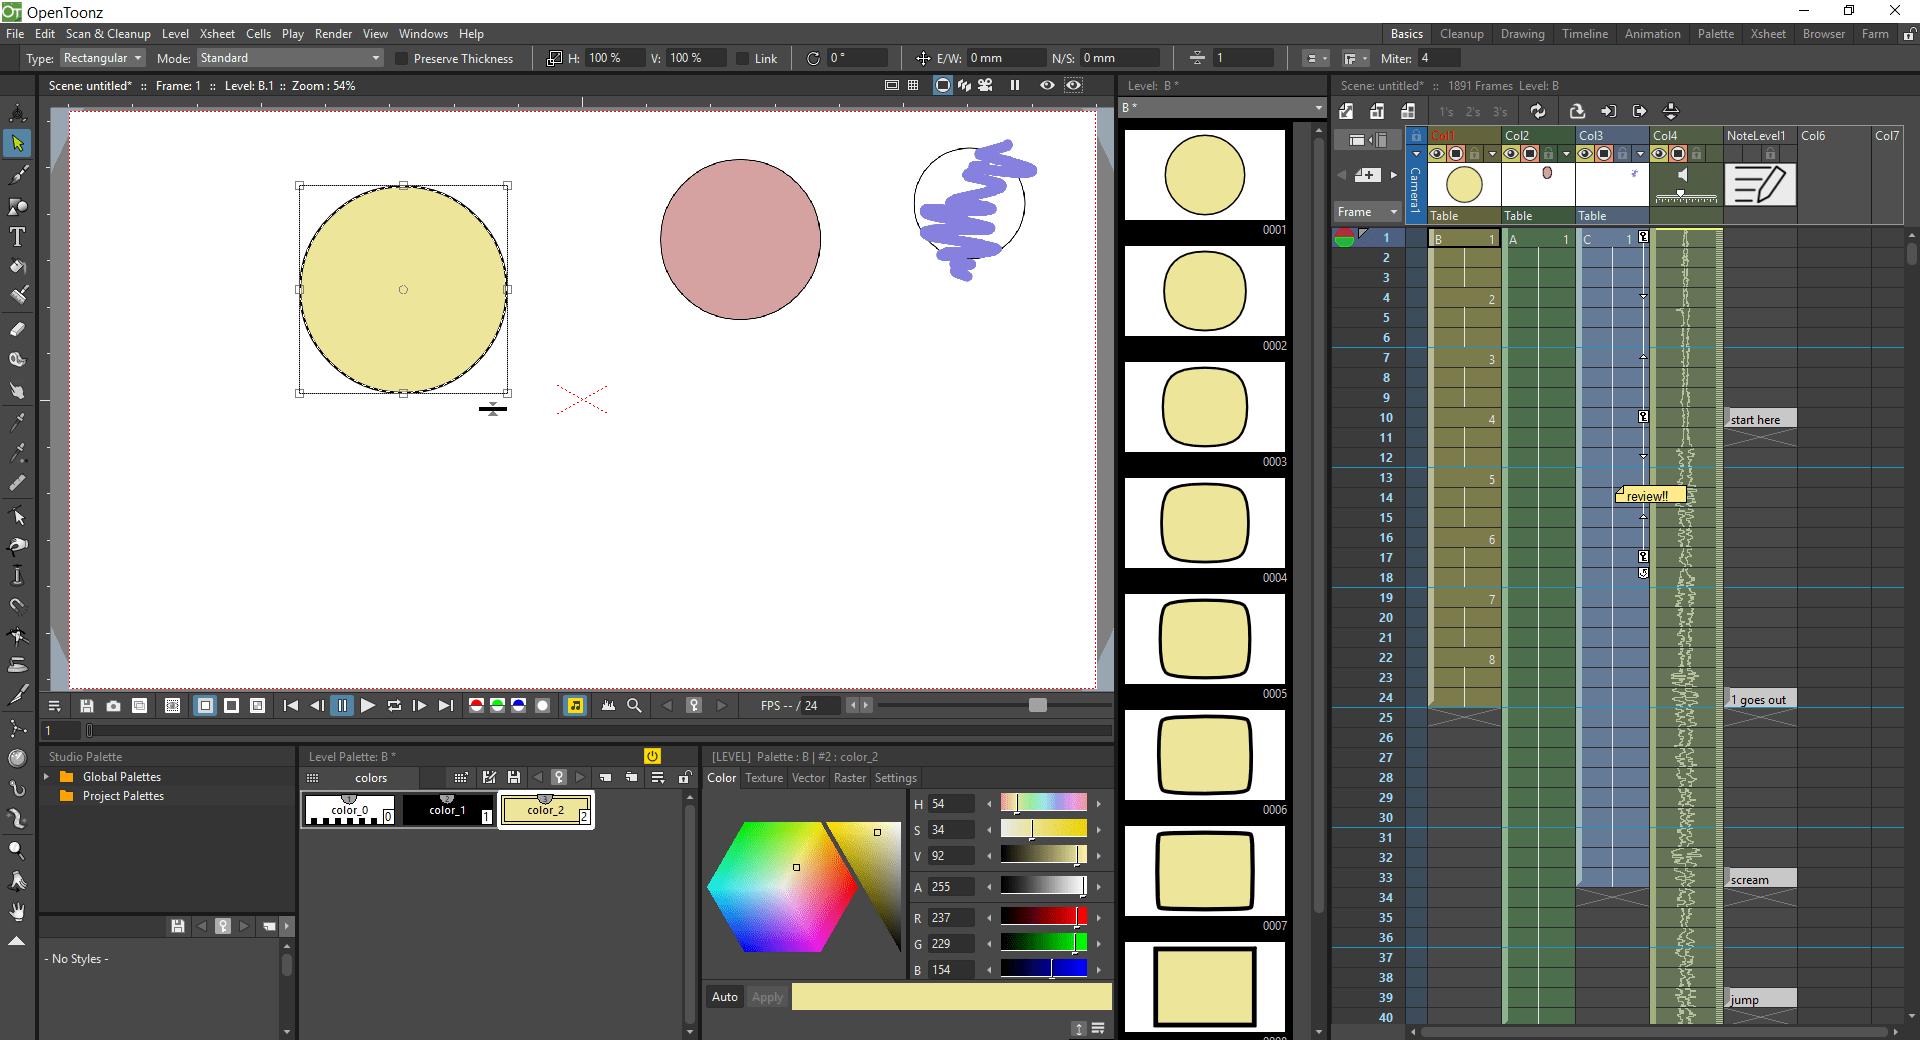 8 opentoonz interface